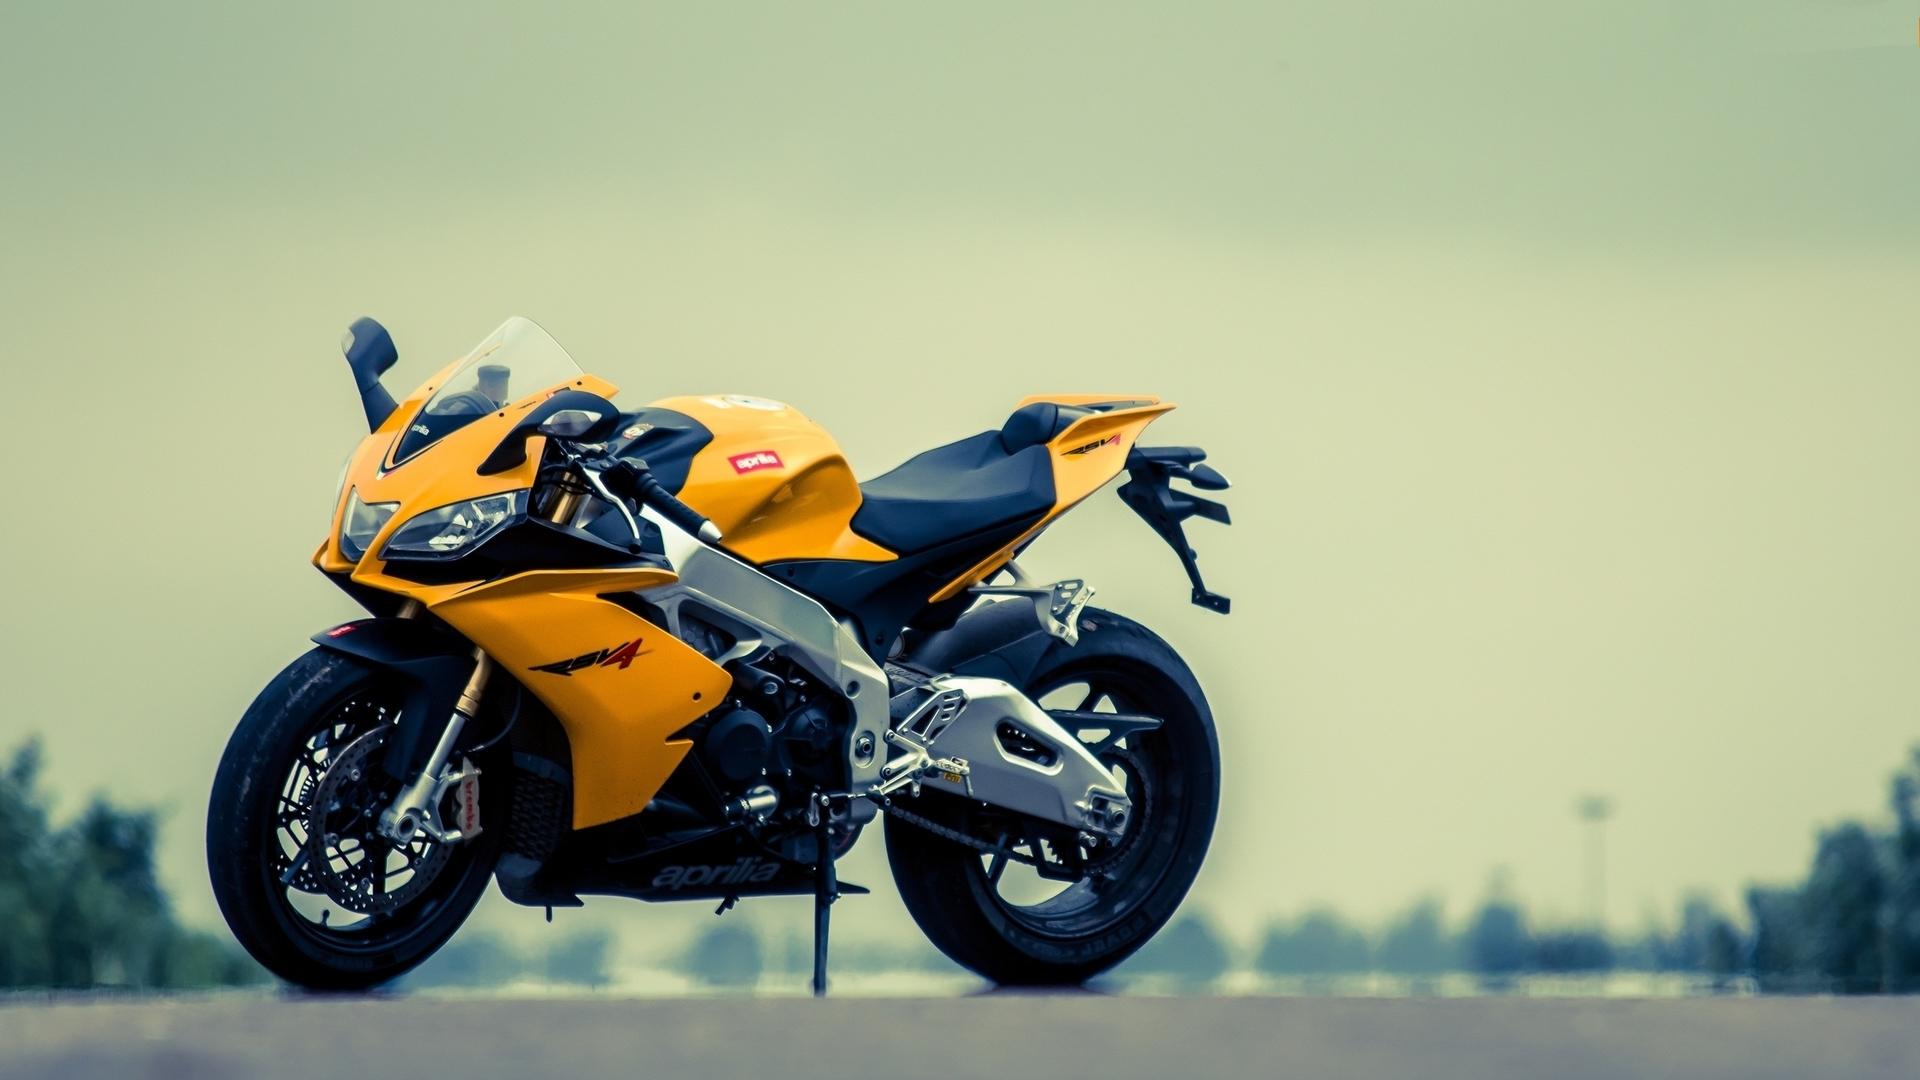 Hình nền xe moto full hd